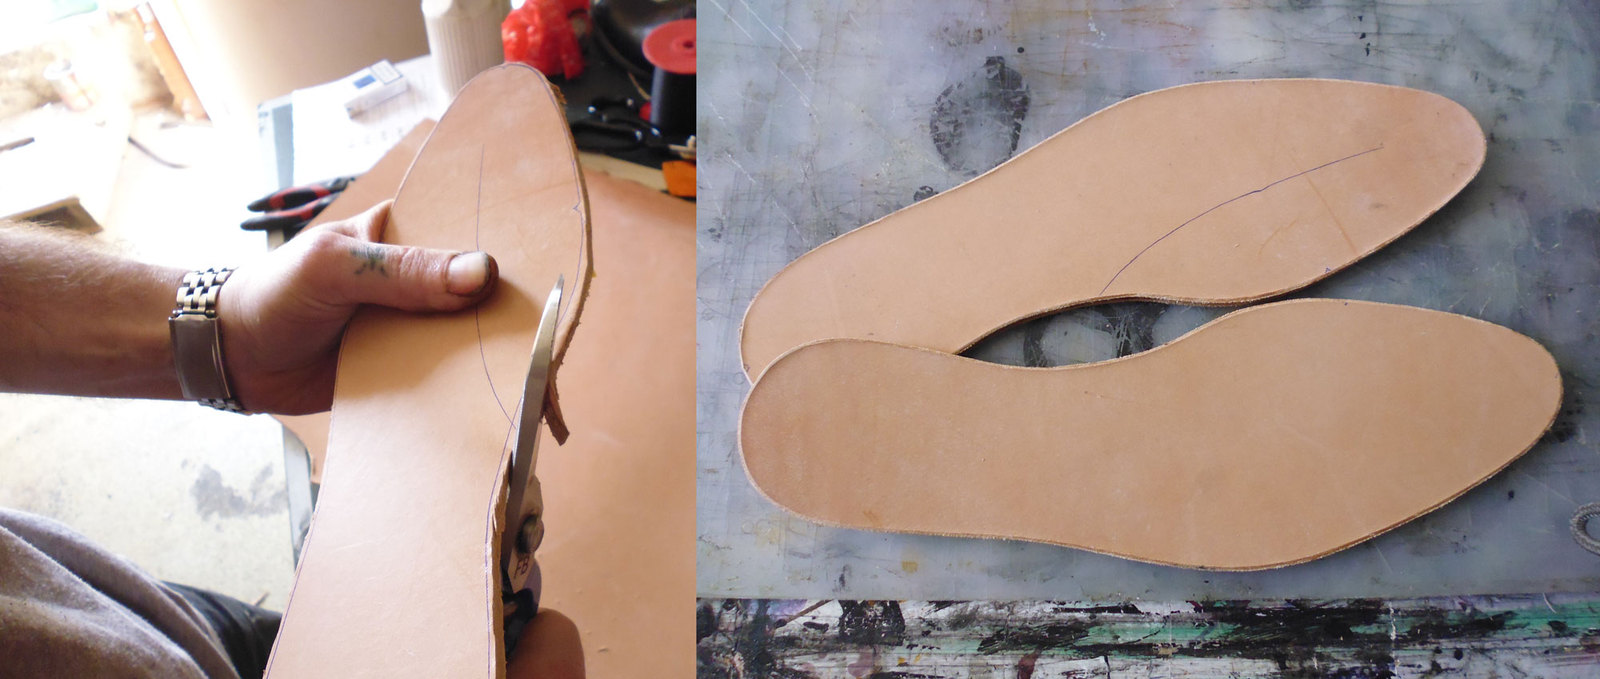 Замена стельки у старых босоножек Мастер-класс своими руками